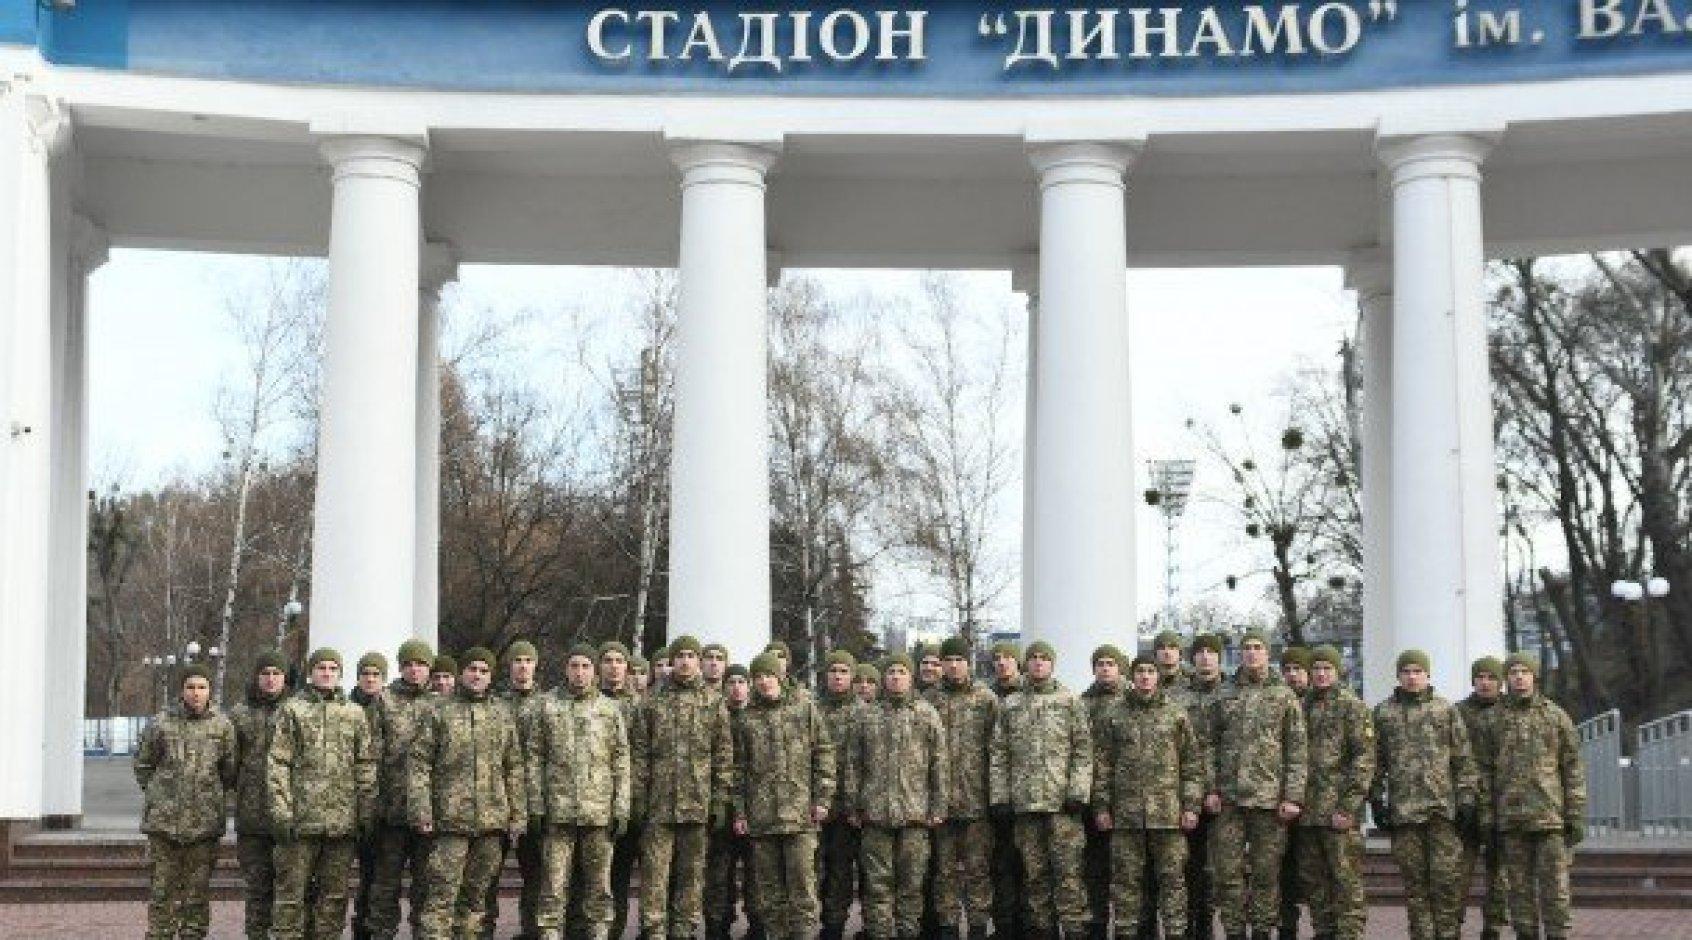 """Стадион и музей """"Динамо"""" посетил Президентский полк"""